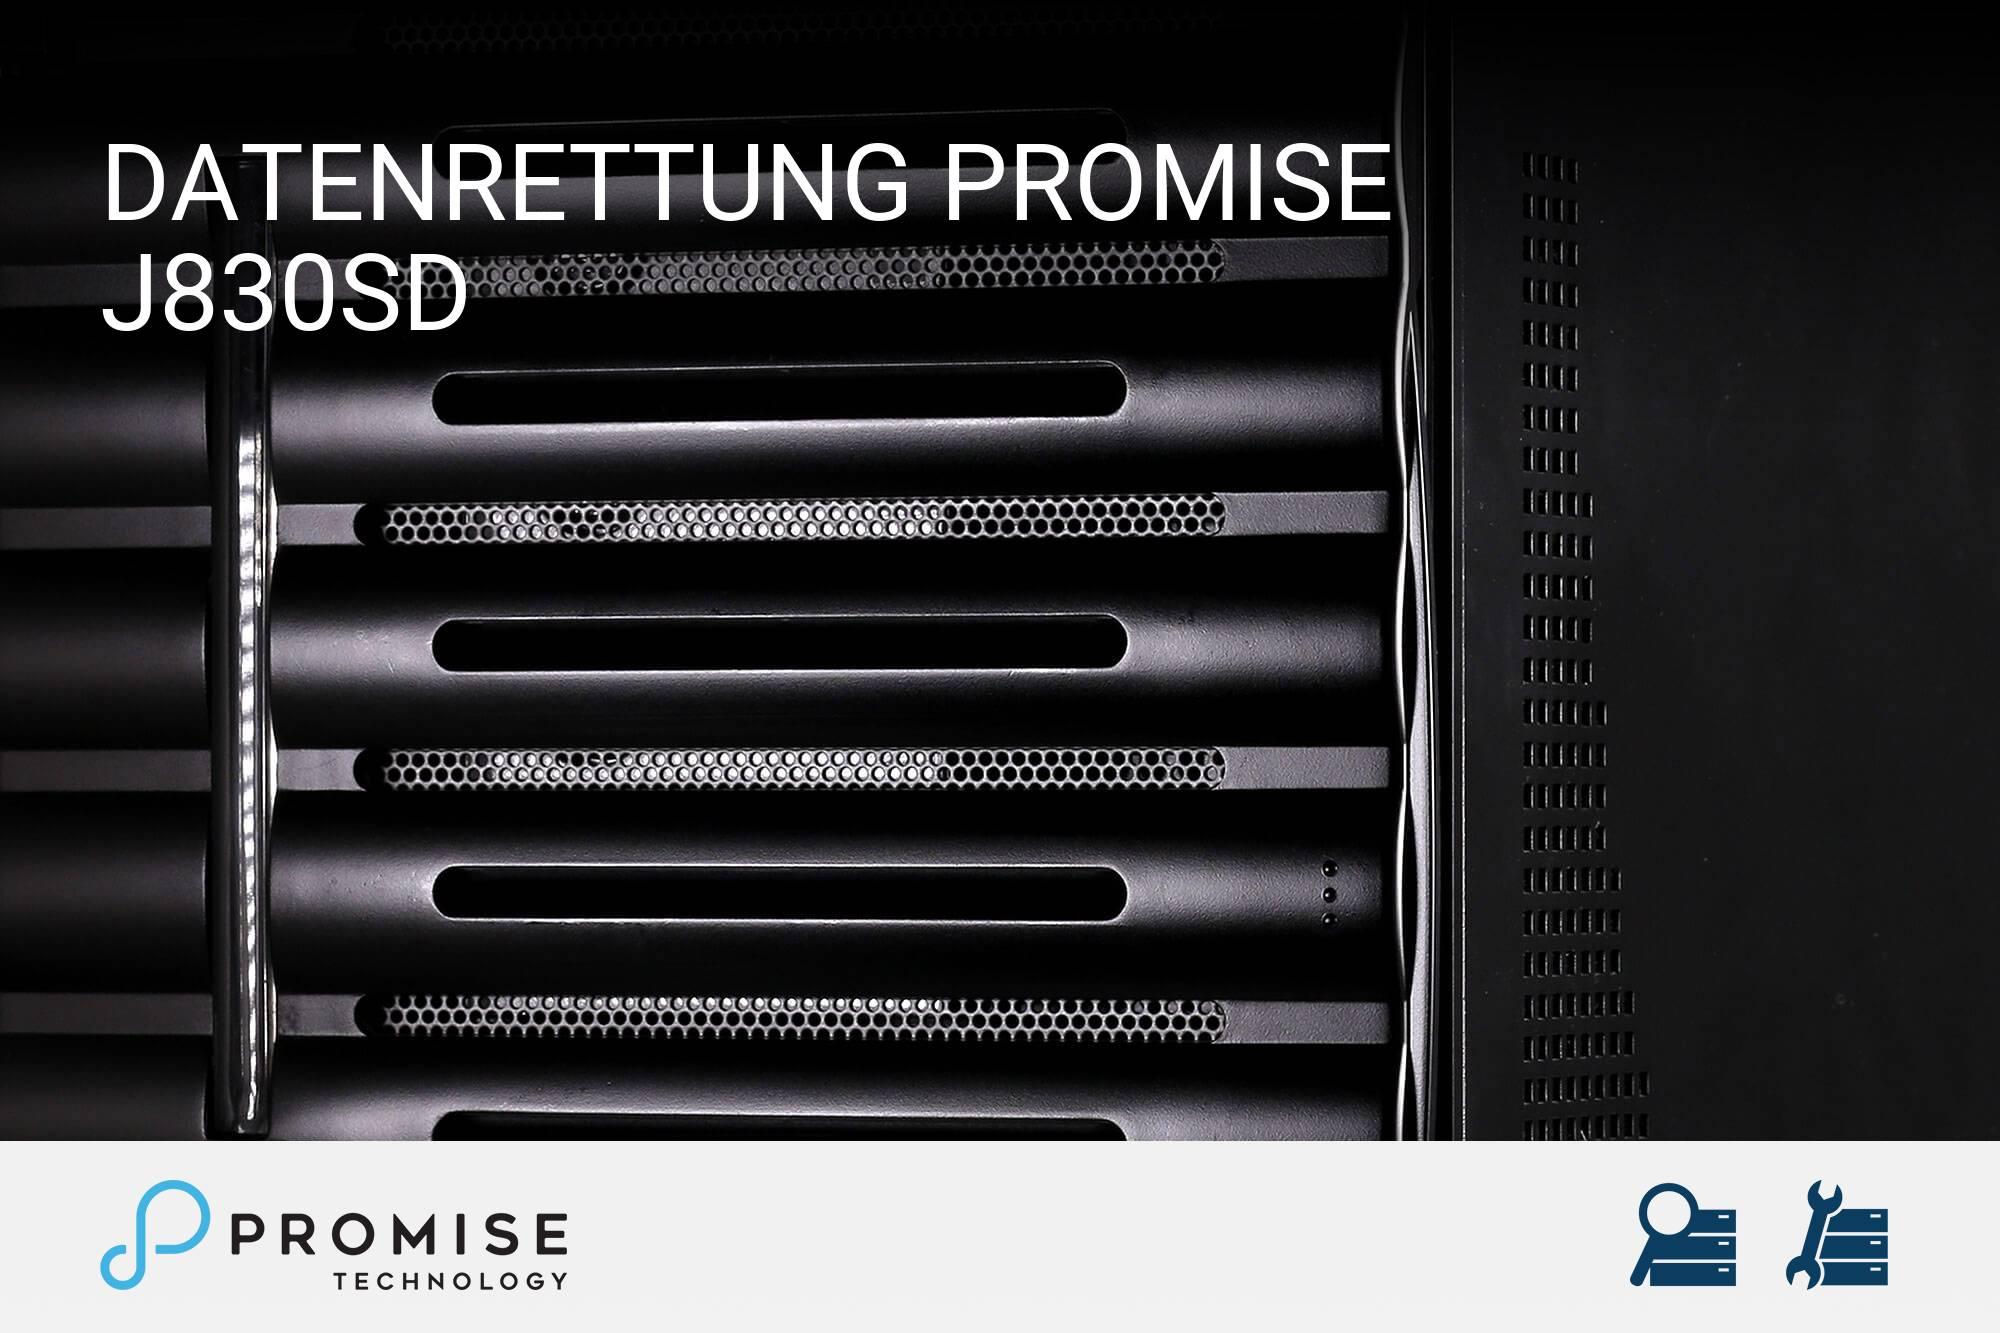 Promise J830sD